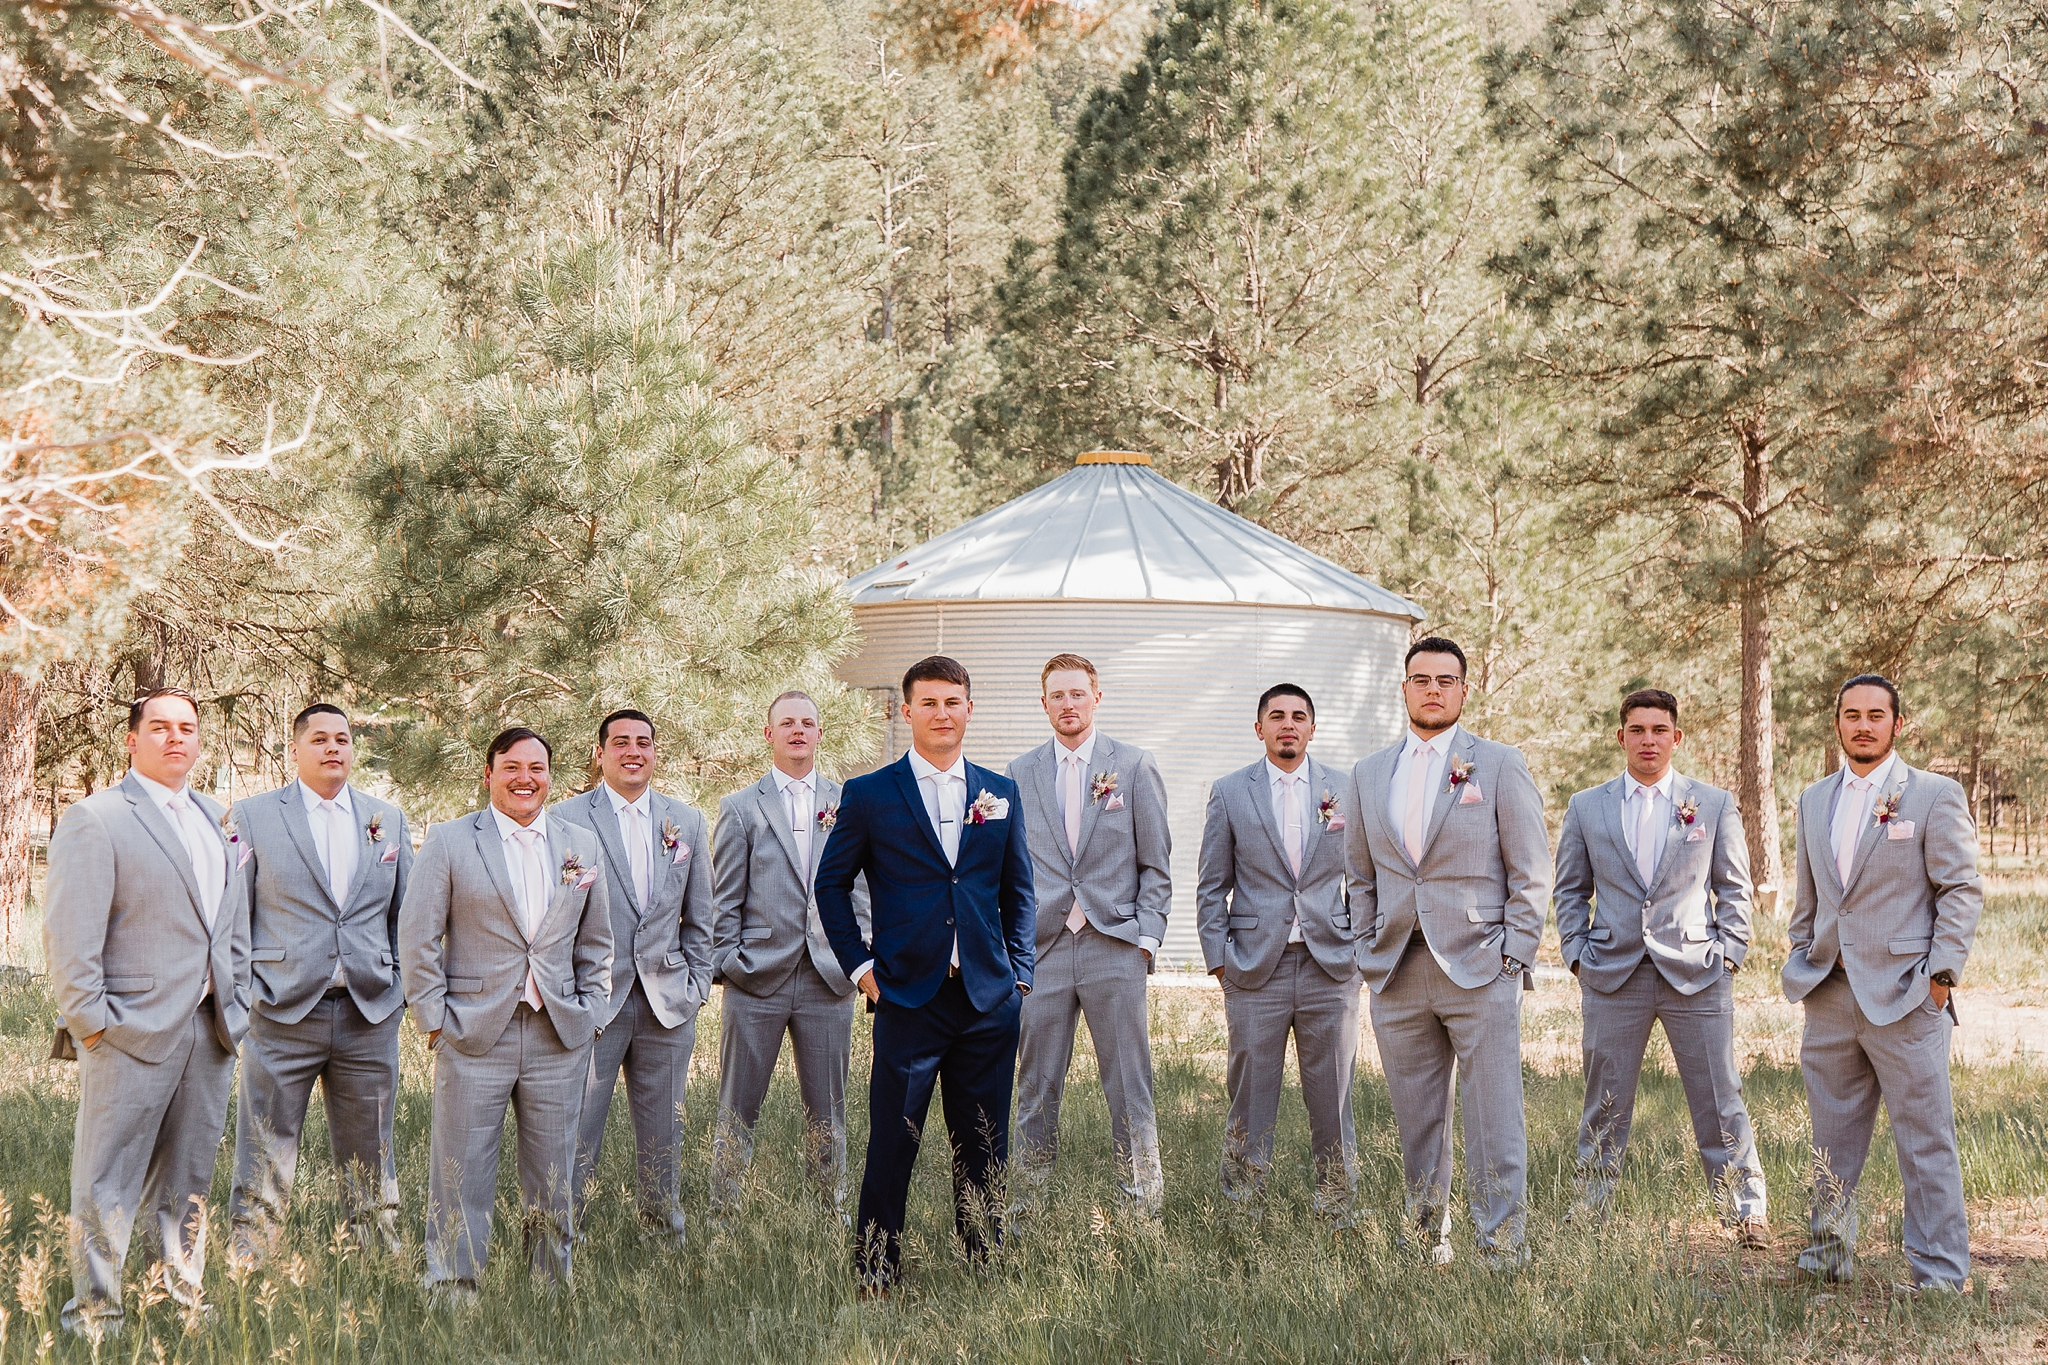 Alicia+lucia+photography+-+albuquerque+wedding+photographer+-+santa+fe+wedding+photography+-+new+mexico+wedding+photographer+-+new+mexico+wedding+-+new+mexico+wedding+-+barn+wedding+-+enchanted+vine+barn+wedding+-+ruidoso+wedding_0092.jpg